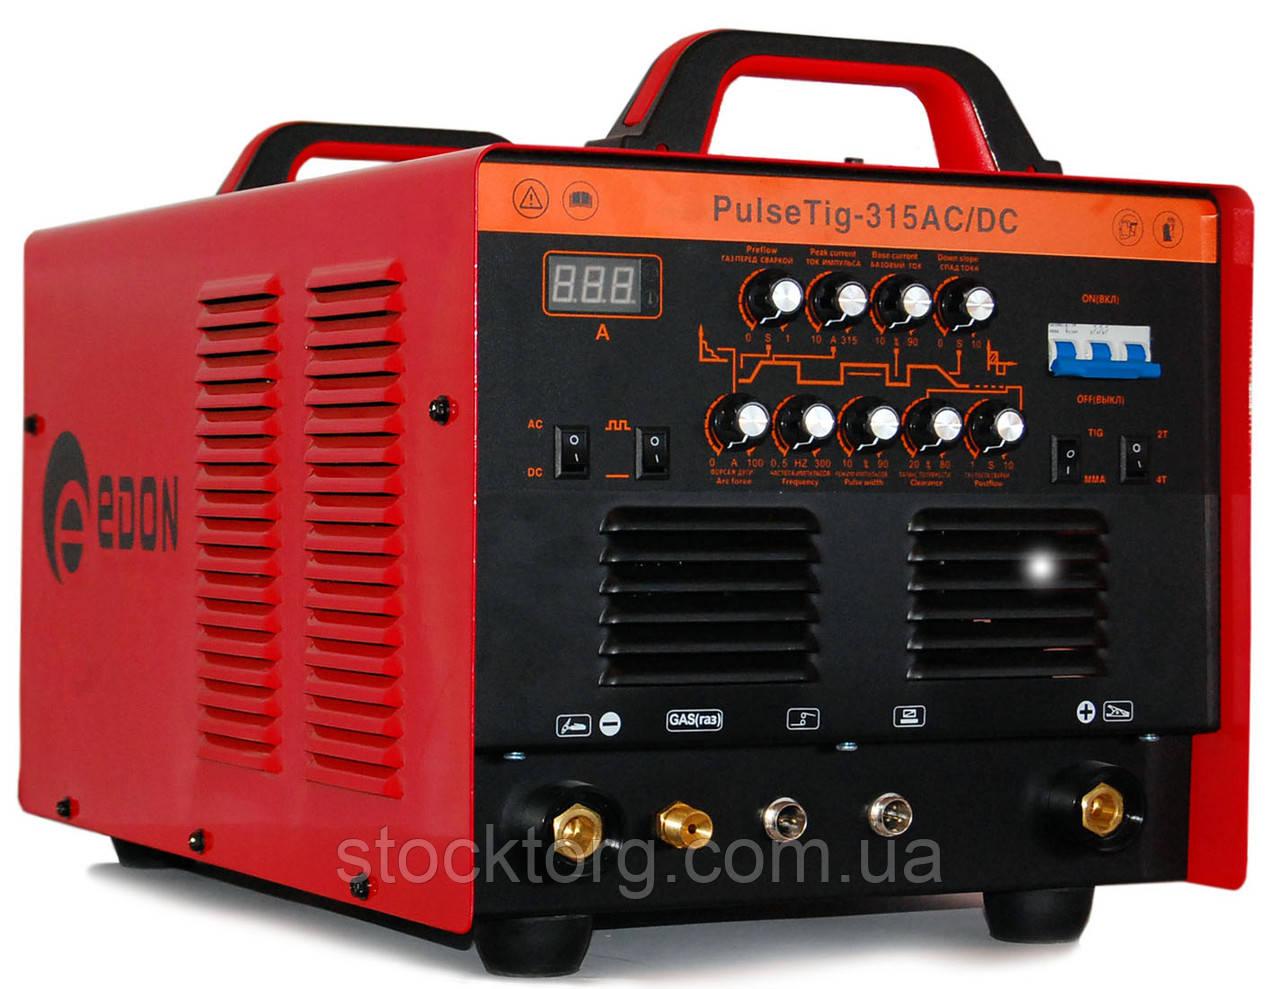 Аргонно-дугового зварювальний апарат Edon Pulsetig-315 AC/DC